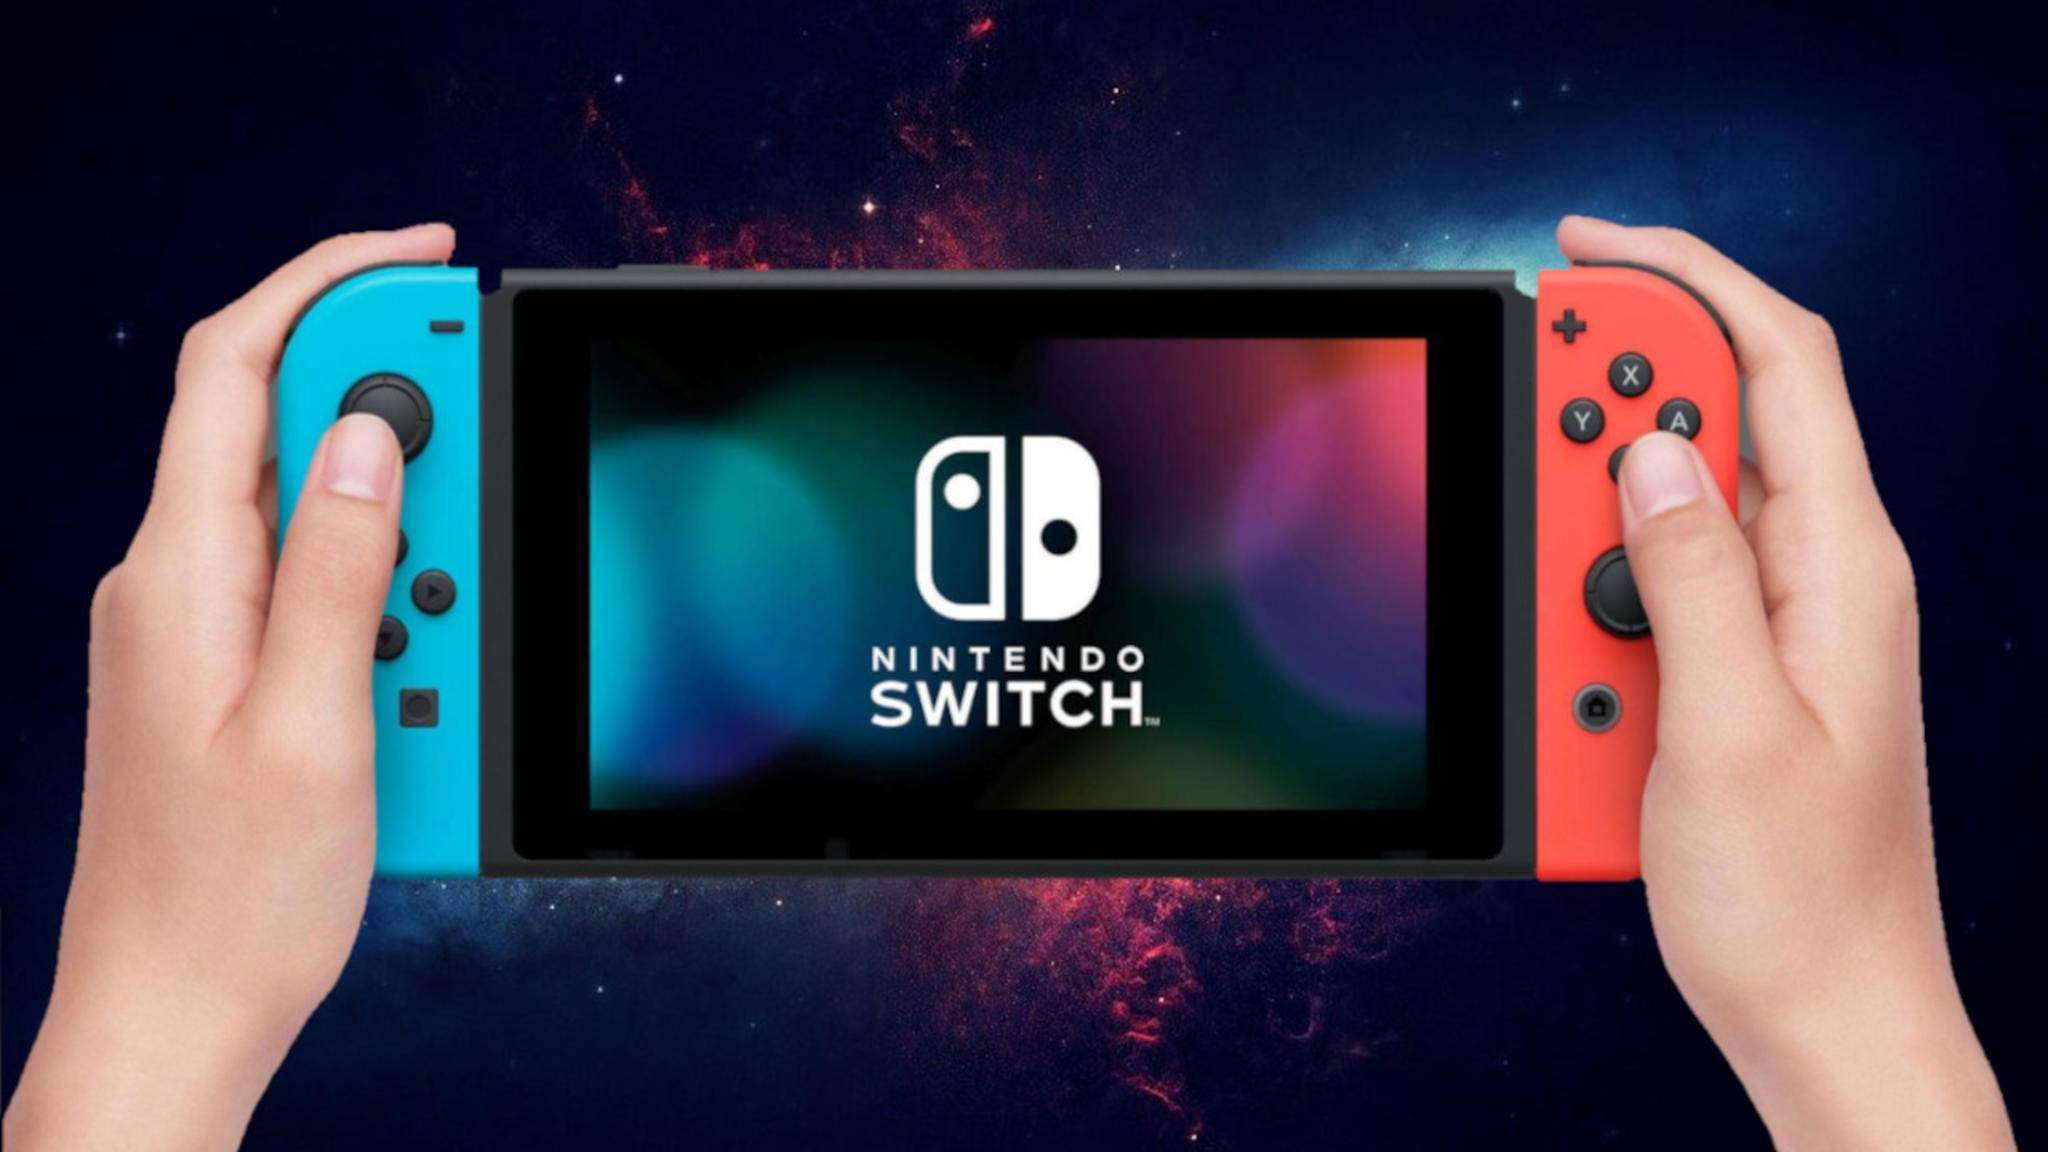 Wie sehen Nintendos Konsolen-Pläne für die nächsten Jahre aus?